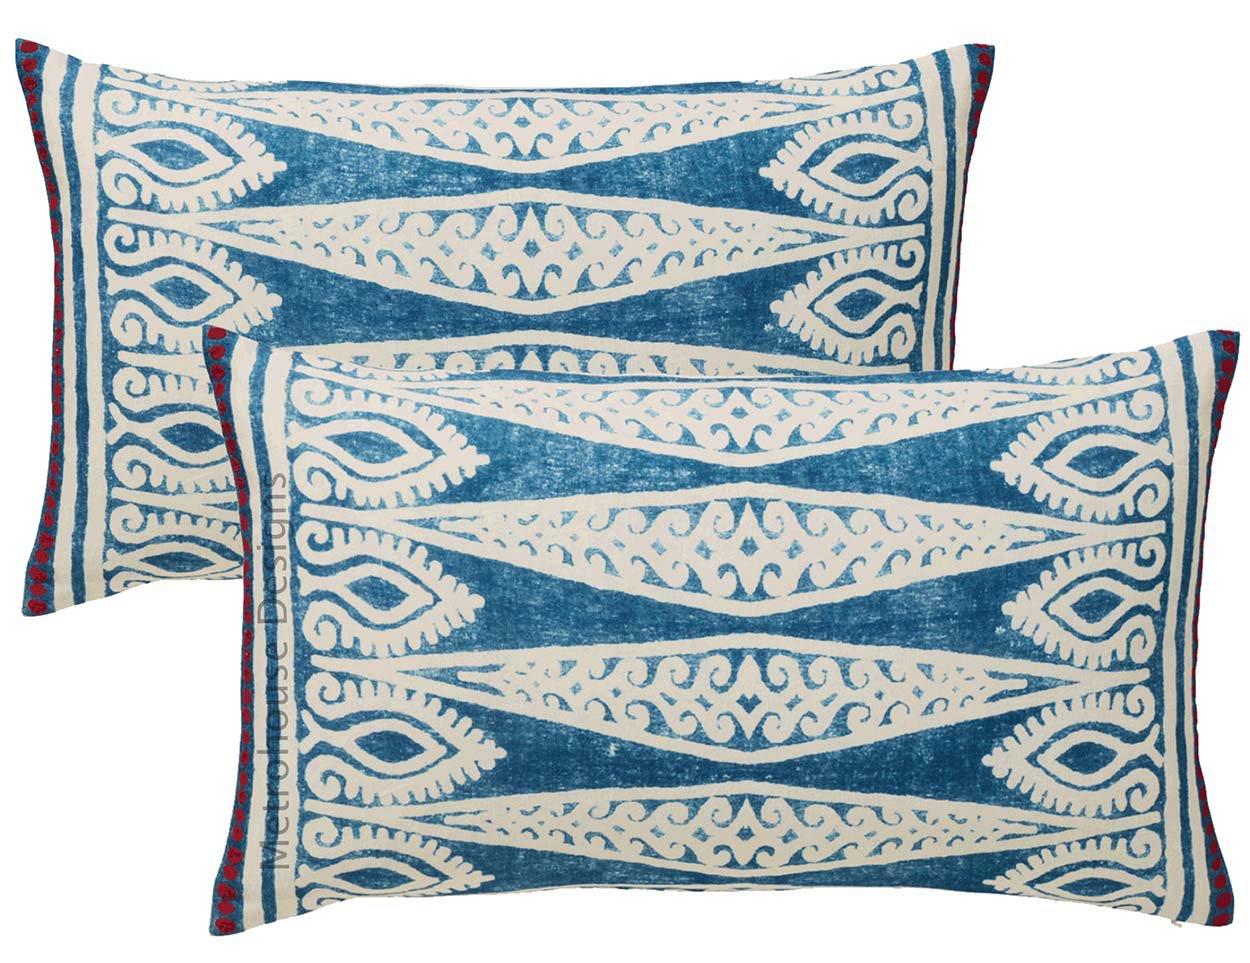 Tenganan Ikat Down Feather Lumbar Pillows - Set of 2